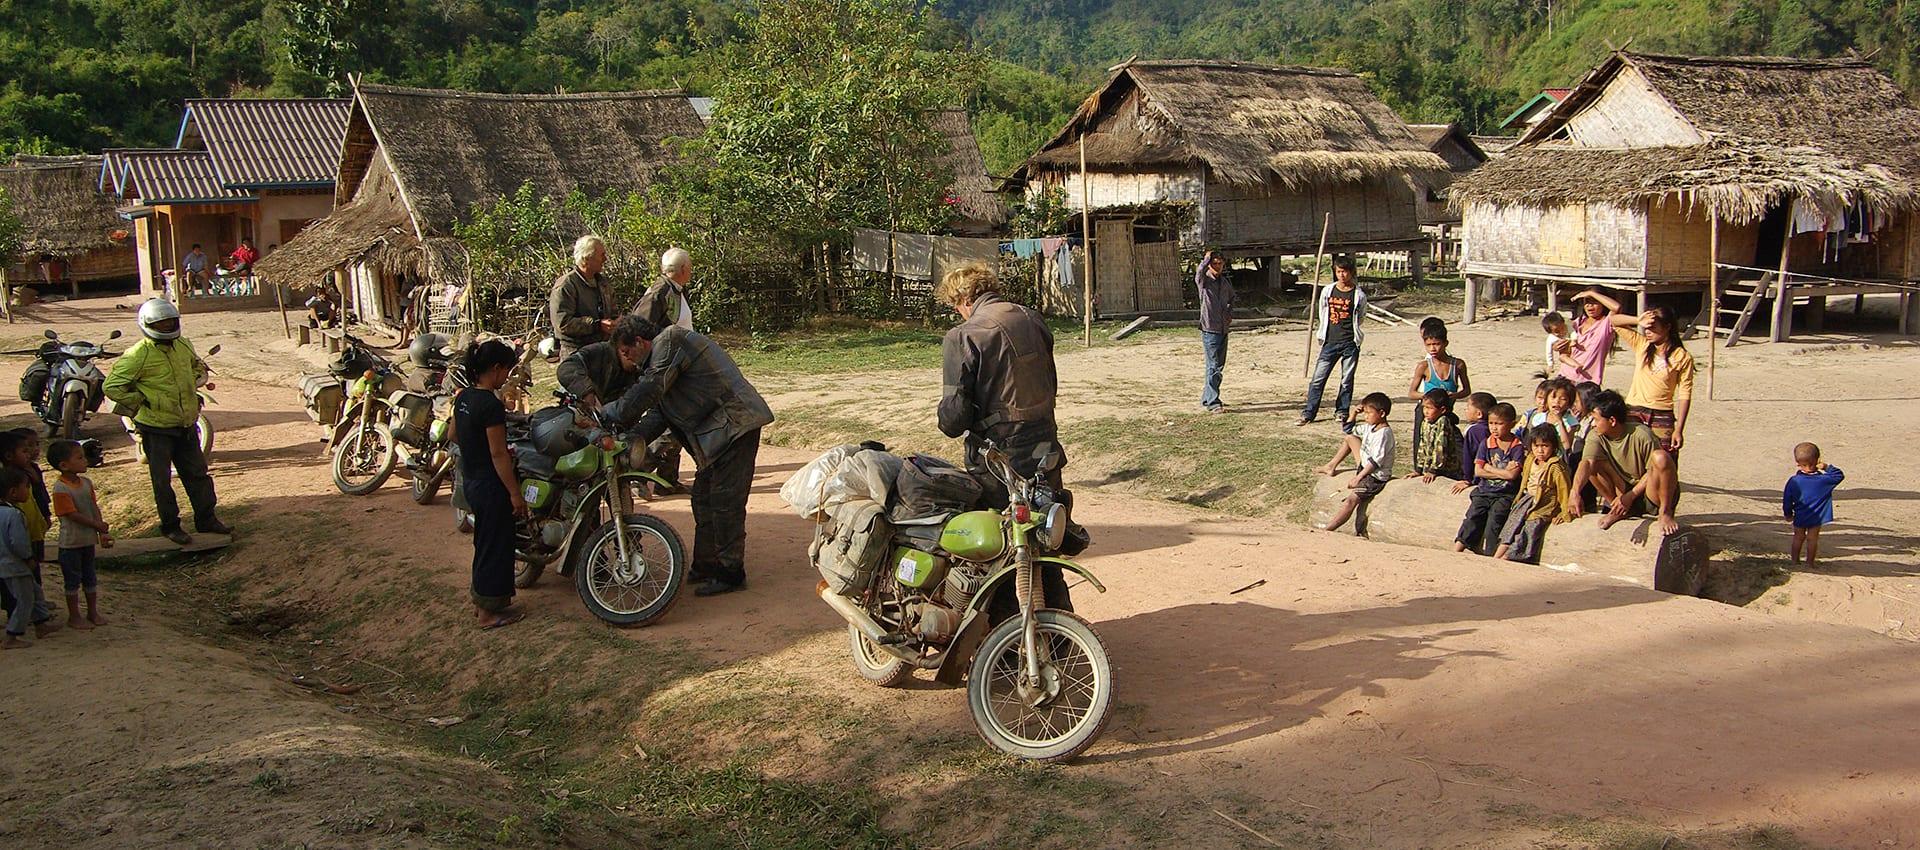 De Indo China Motor Challenge, een avontuurlijke motorreis door Azie, exotisch motorrijden in Laos en Vietnam.